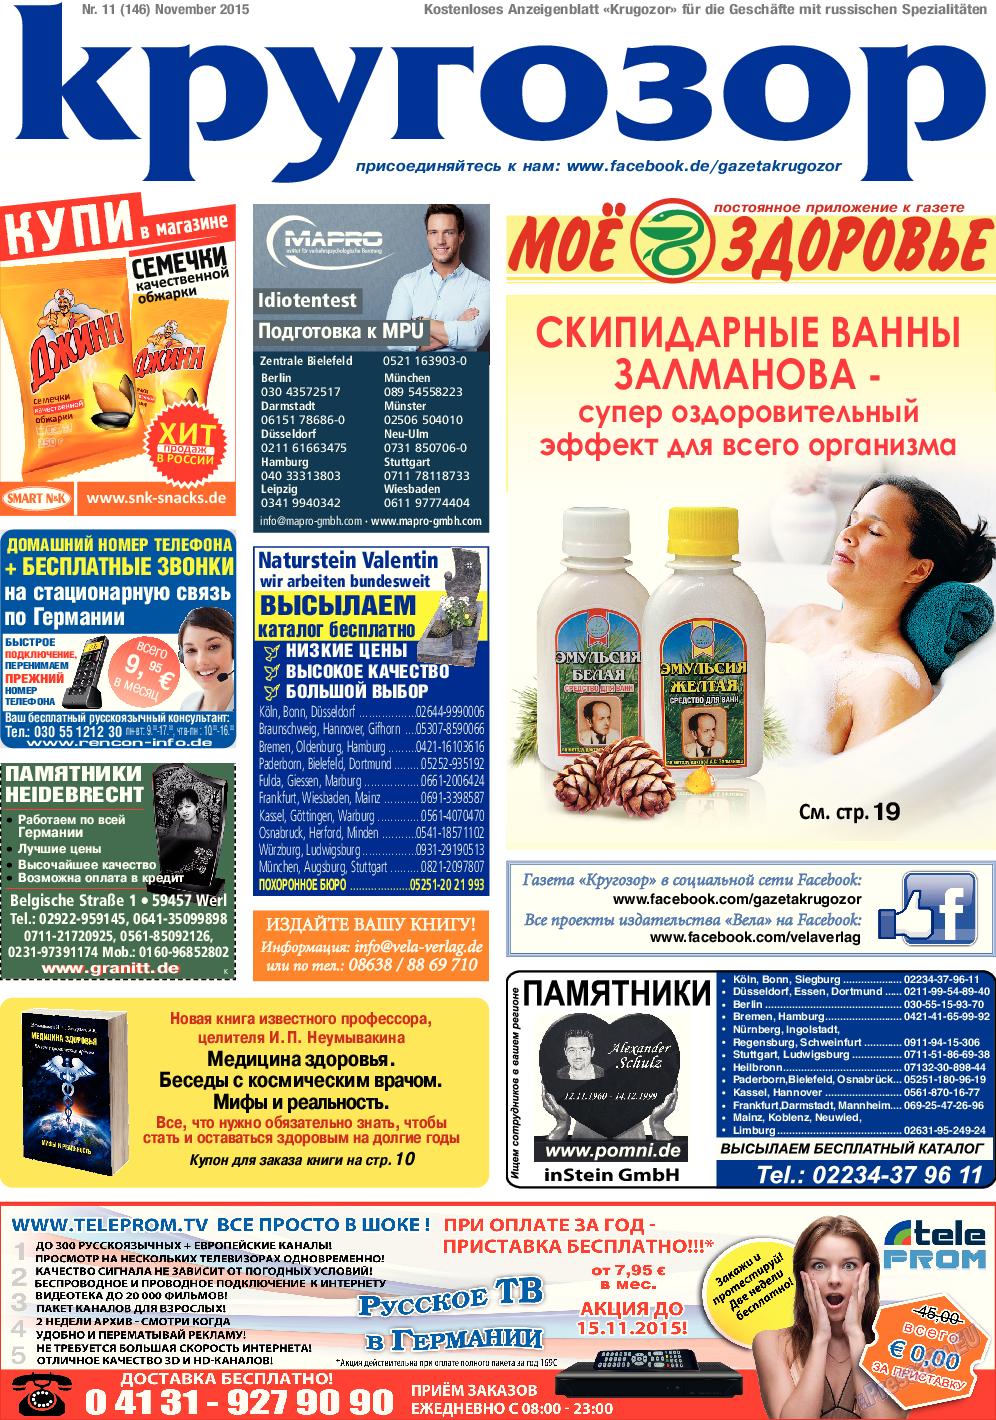 Кругозор (газета). 2015 год, номер 11, стр. 1